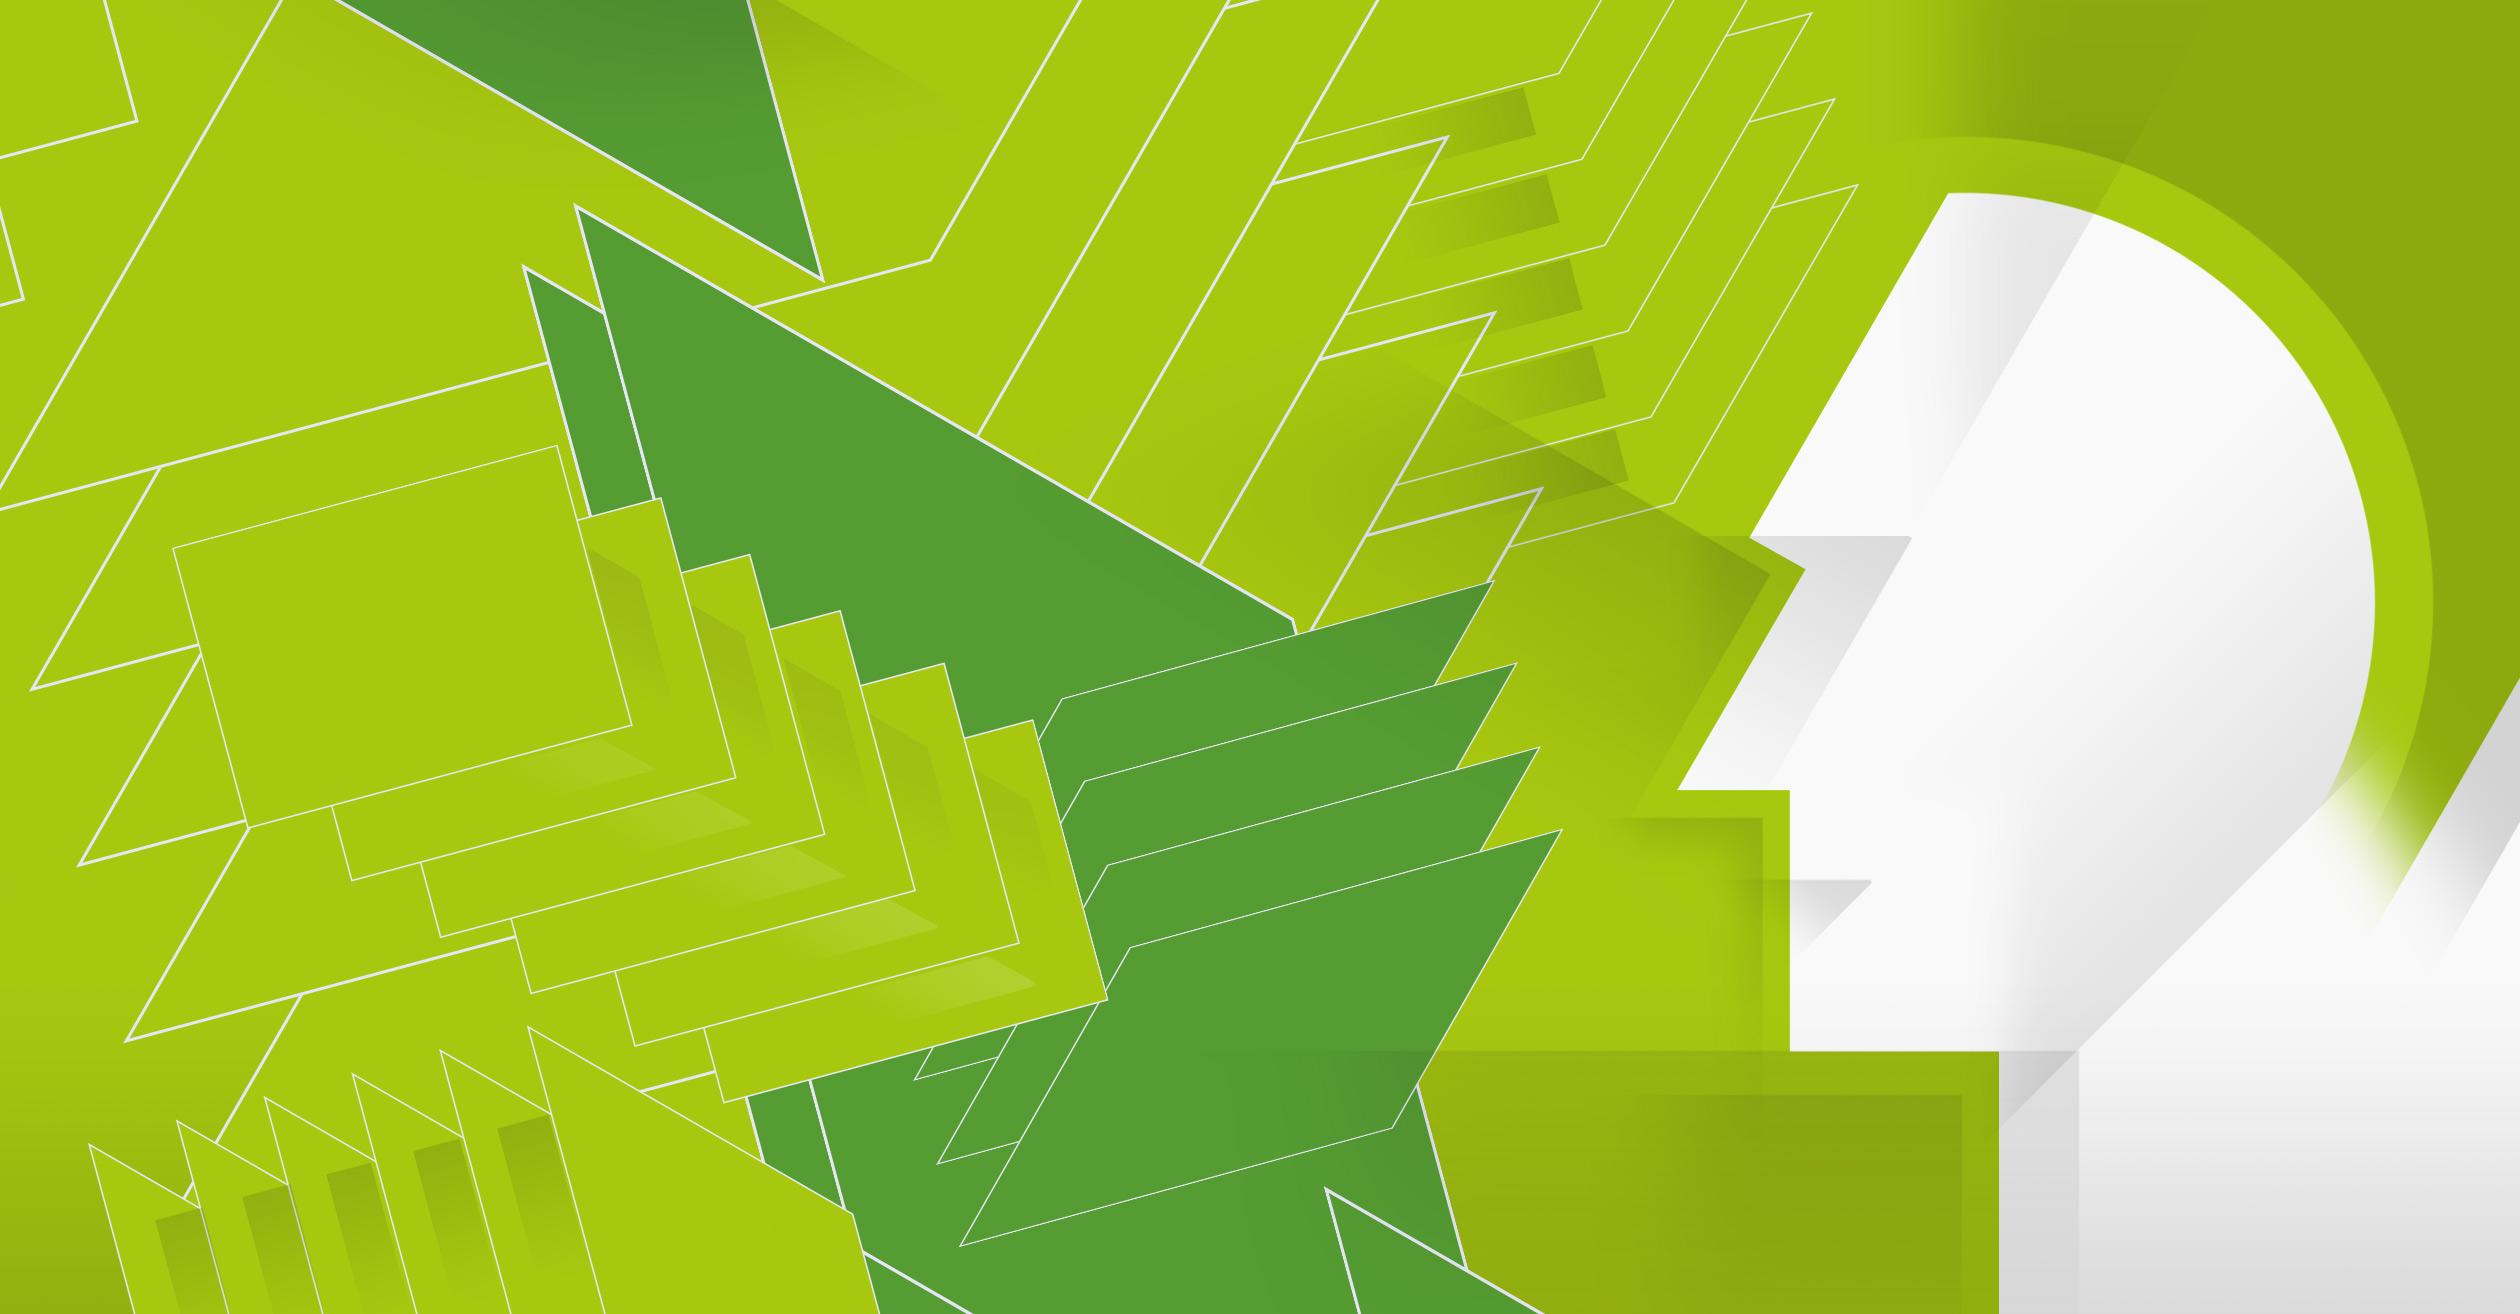 """Funzioni, responsabilità e controllo amministrativo contabile. Il 30 maggio sono entrate in vigore le linee guida sulle modalità di svolgimento delle funzioni del direttore dei lavori e del direttore di esecuzione"""", rispettivamente, nei contratti di lavori pubblici e nei contratti di servizi e forniture."""